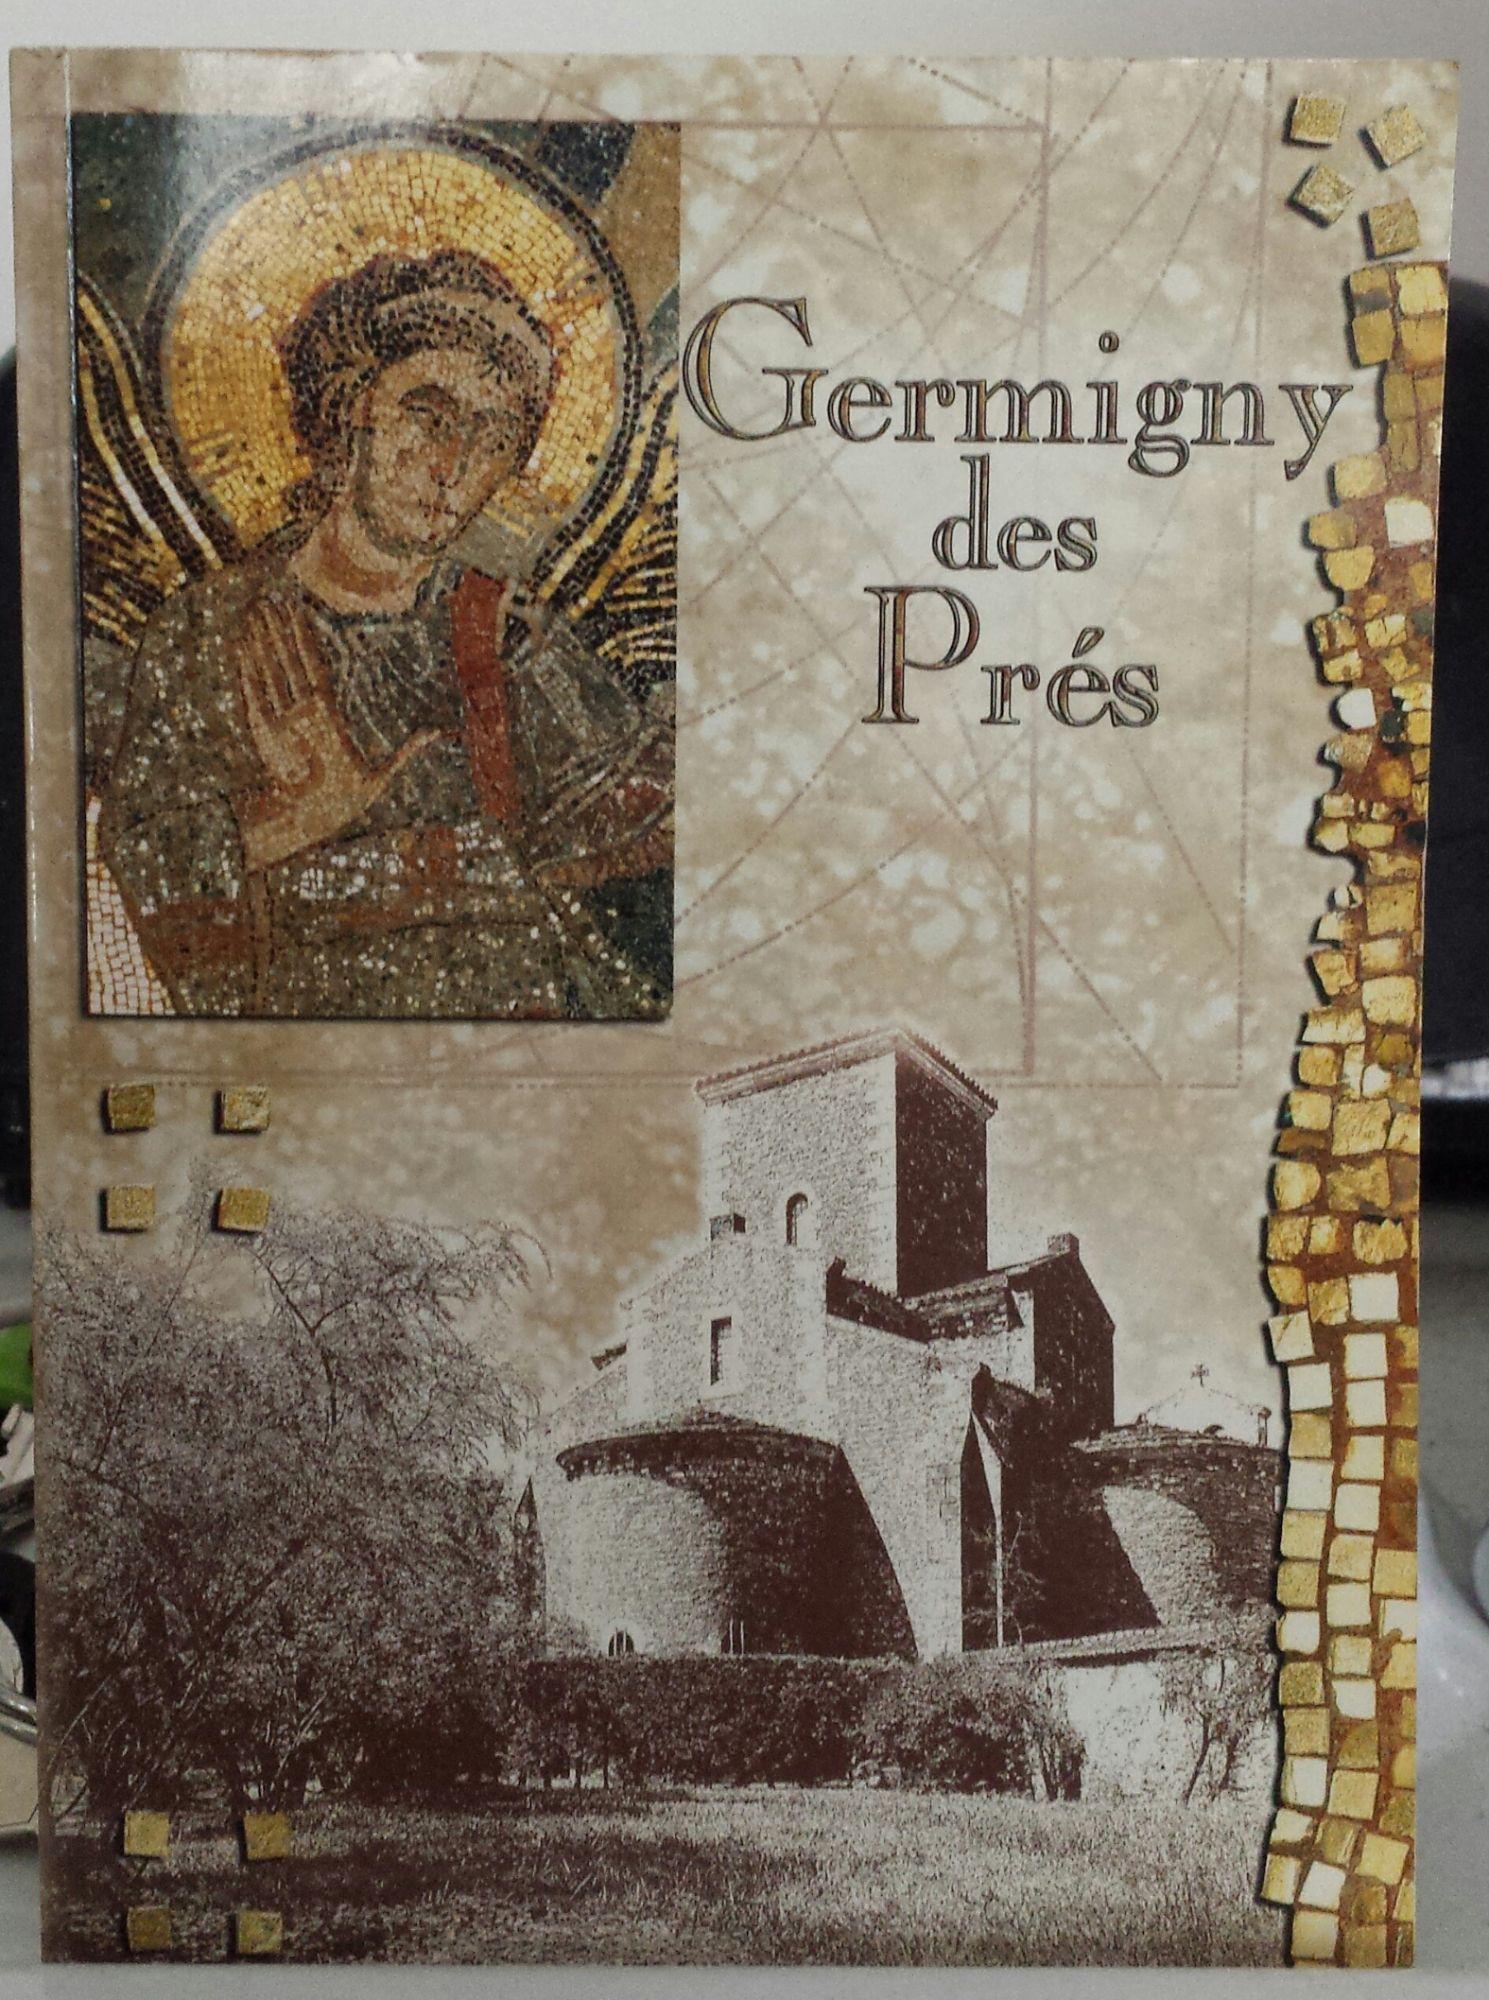 L'oratoire carolingien de Germigny des Prés